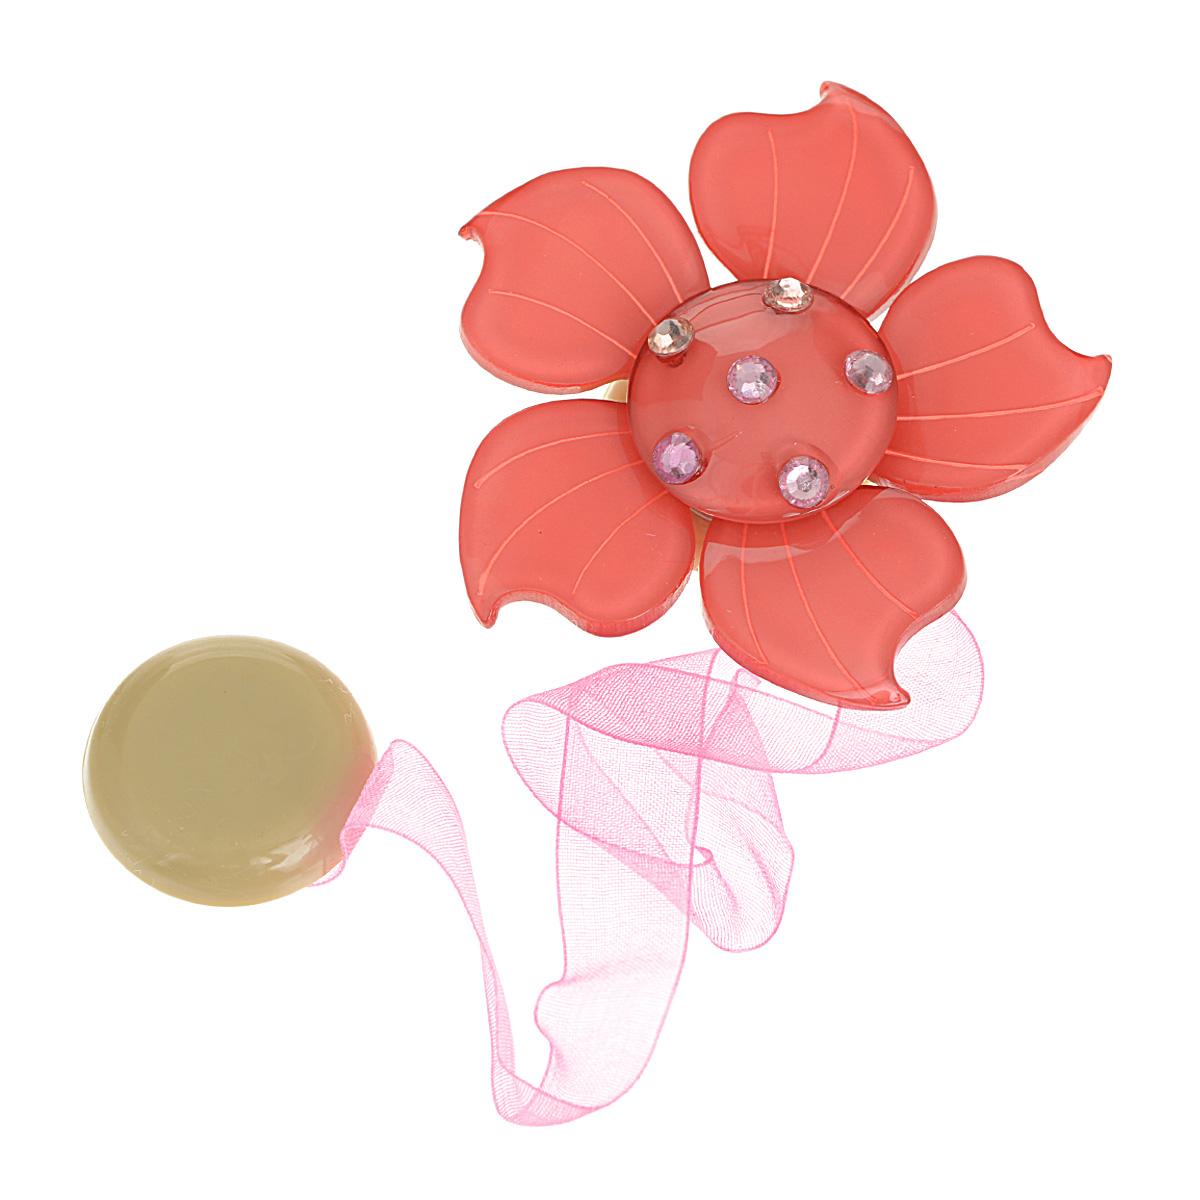 Клипса-магнит для штор Calamita Fiore, цвет: коралловый. 7704007_5407704007_540Клипса-магнит Calamita Fiore, изготовленная из пластика и текстиля, предназначена для придания формы шторам. Изделие представляет собой два магнита, расположенные на разных концах текстильной ленты. Один из магнитов оформлен декоративным цветком и украшен стразами. С помощью такой магнитной клипсы можно зафиксировать портьеры, придать им требуемое положение, сделать складки симметричными или приблизить портьеры, скрепить их. Клипсы для штор являются универсальным изделием, которое превосходно подойдет как для штор в детской комнате, так и для штор в гостиной. Следует отметить, что клипсы для штор выполняют не только практическую функцию, но также являются одной из основных деталей декора этого изделия, которая придает шторам восхитительный, стильный внешний вид.Диаметр декоративного цветка: 6 см.Диаметр магнита: 2,5 см.Длина ленты: 28 см.